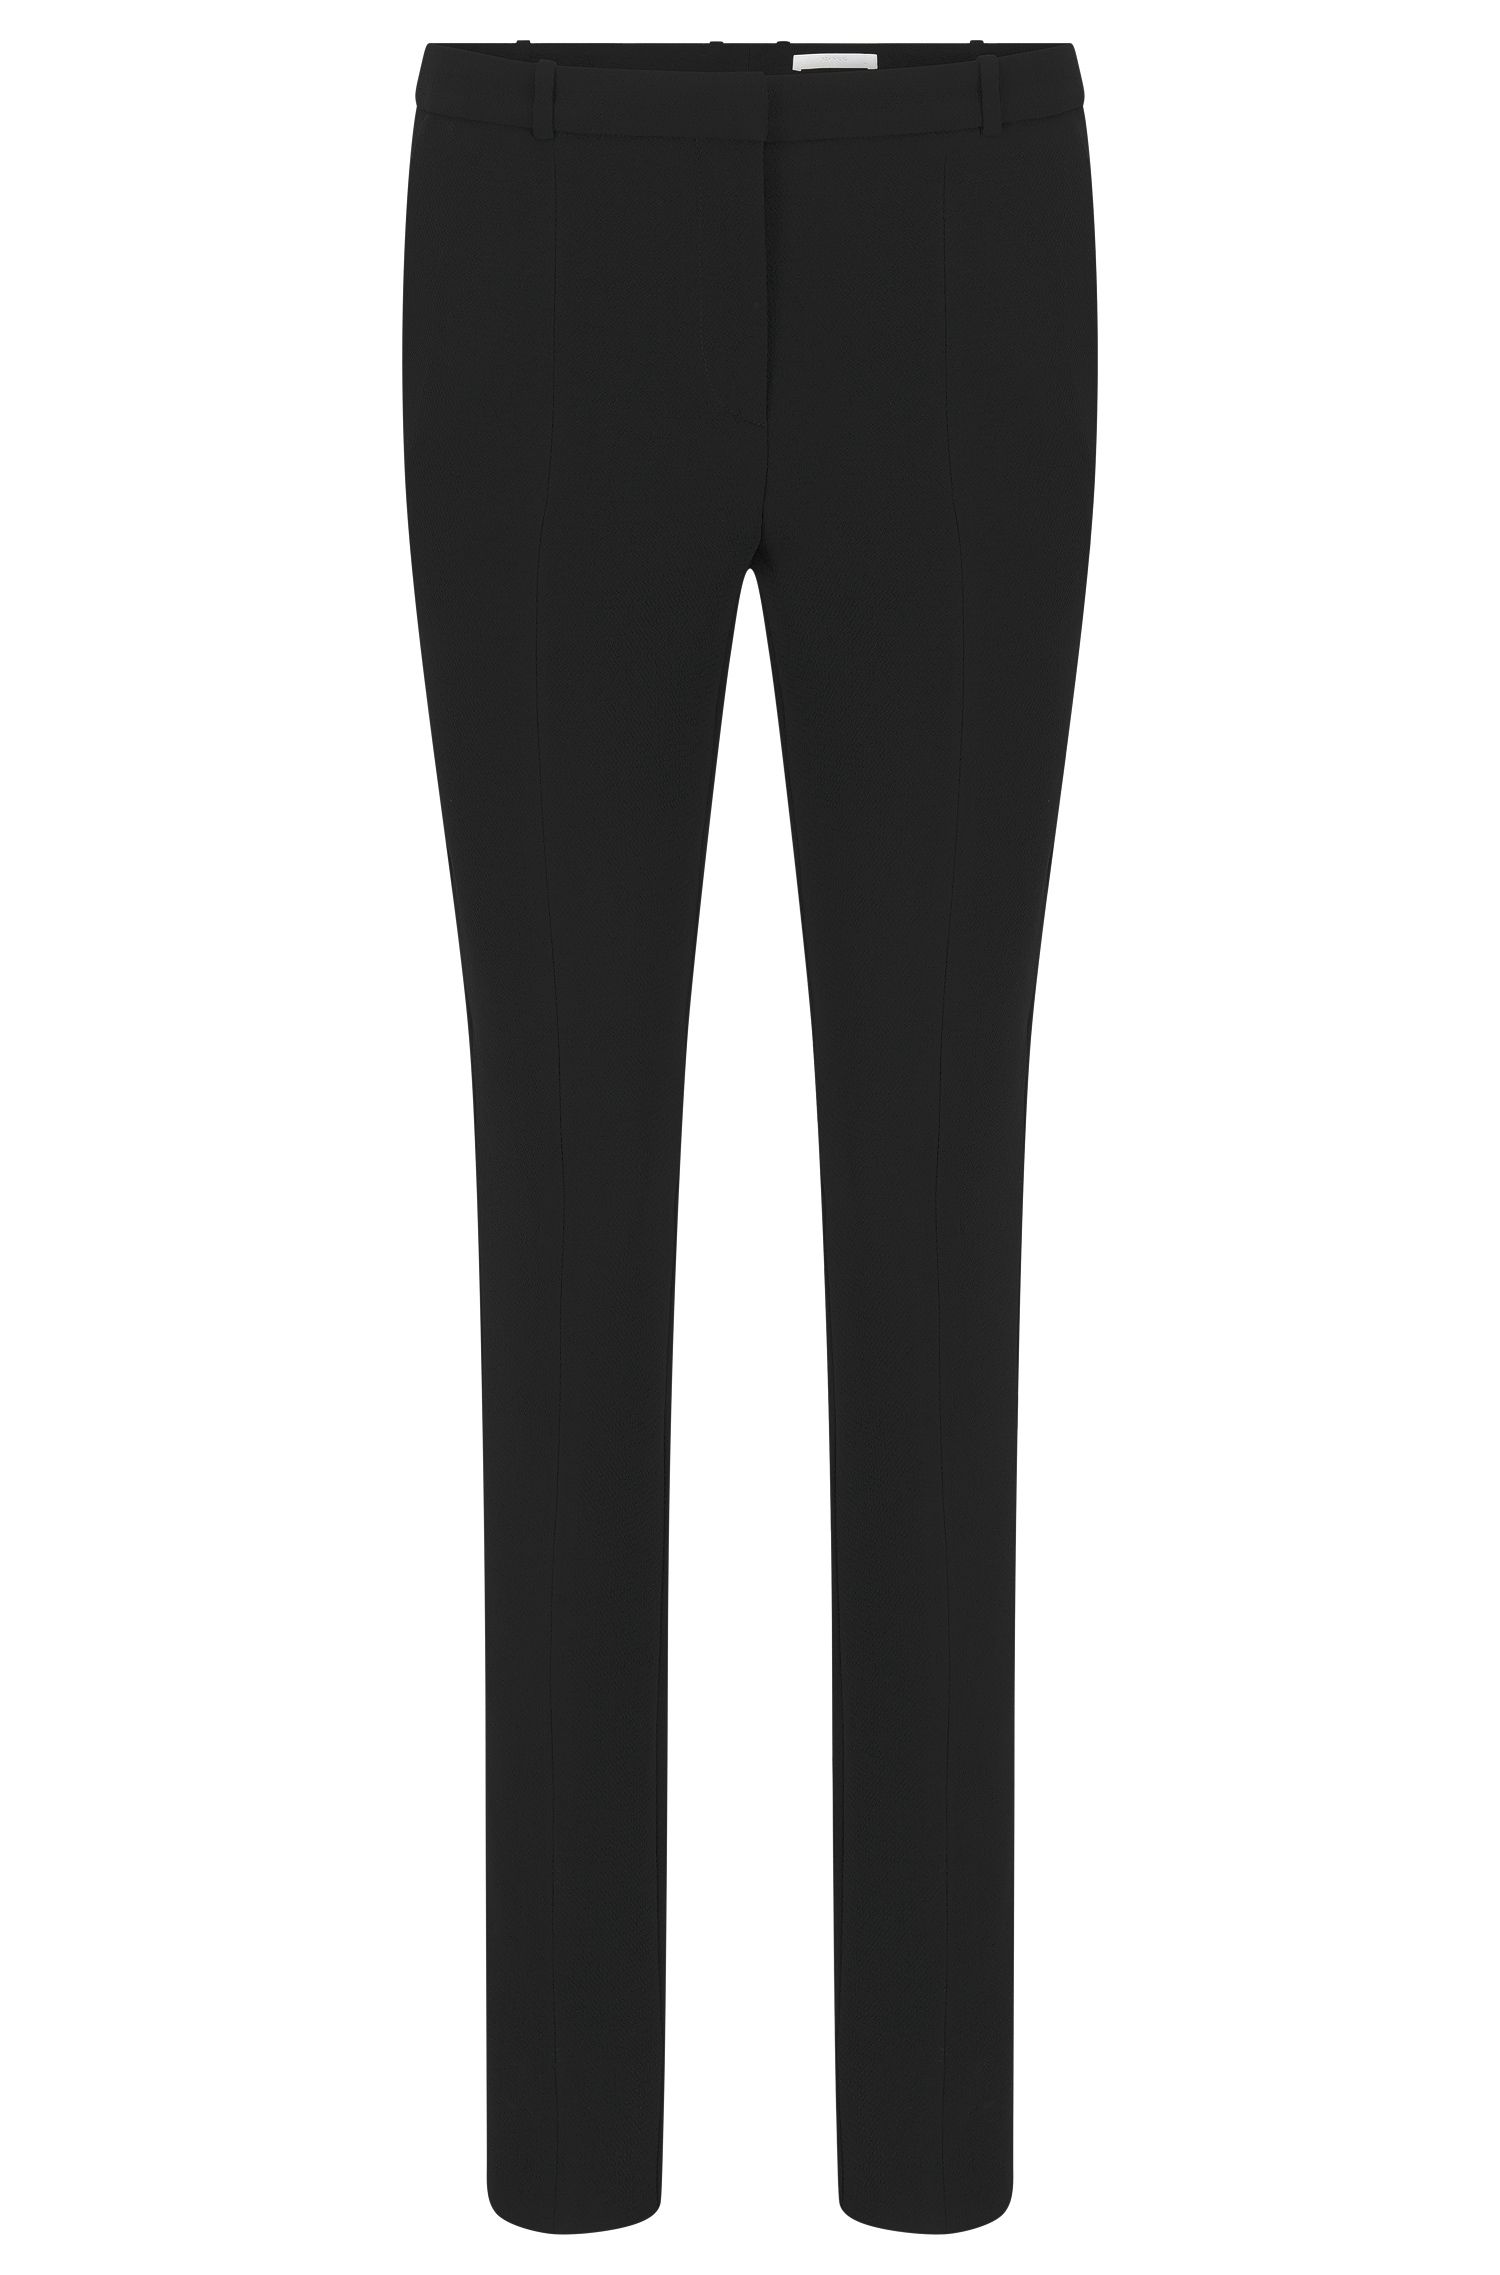 Pantaloni regular fit in crêpe stropicciato